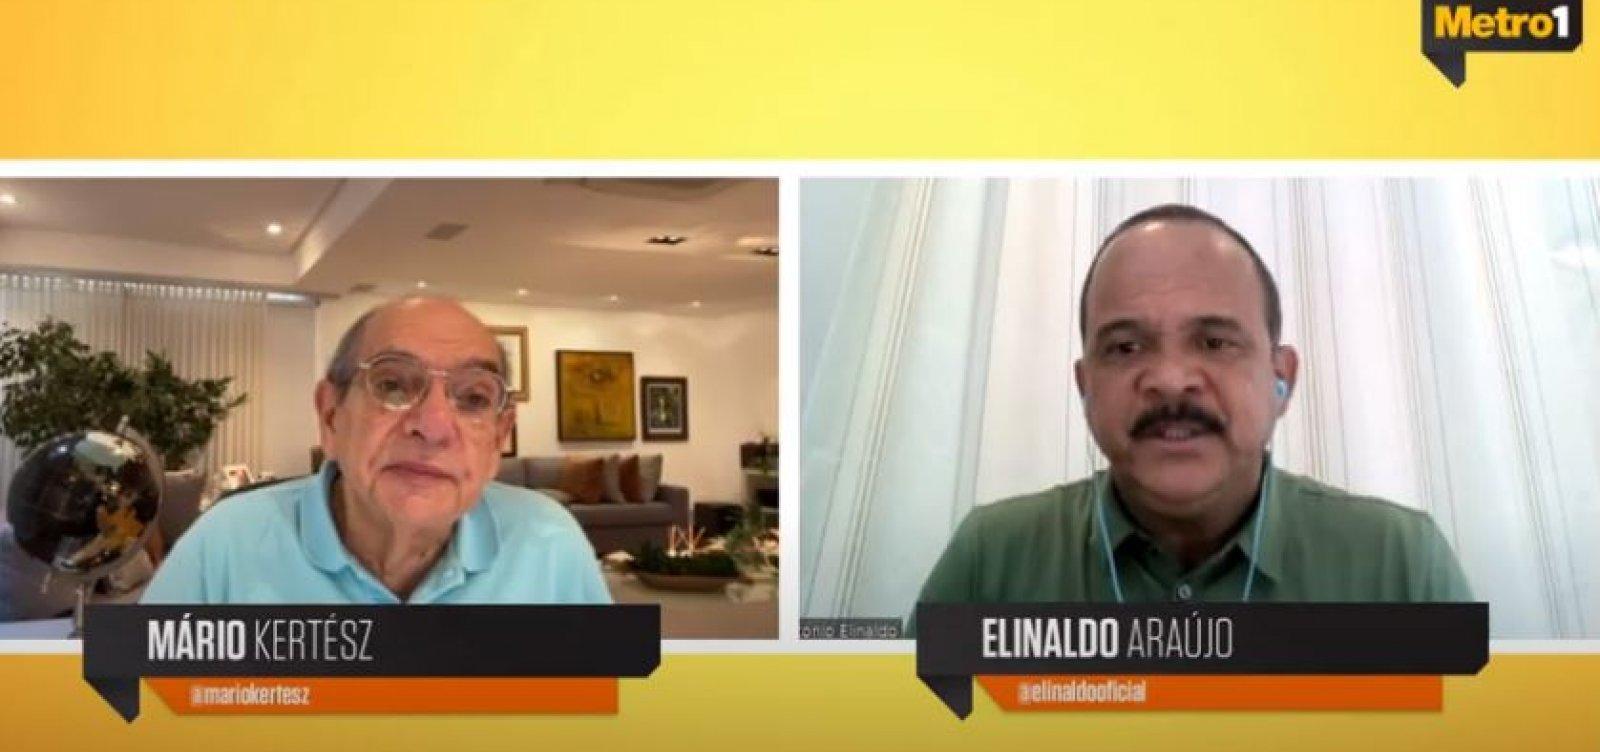 Elinaldo diz que toque de recolher deveria ser imediato em toda a Bahia